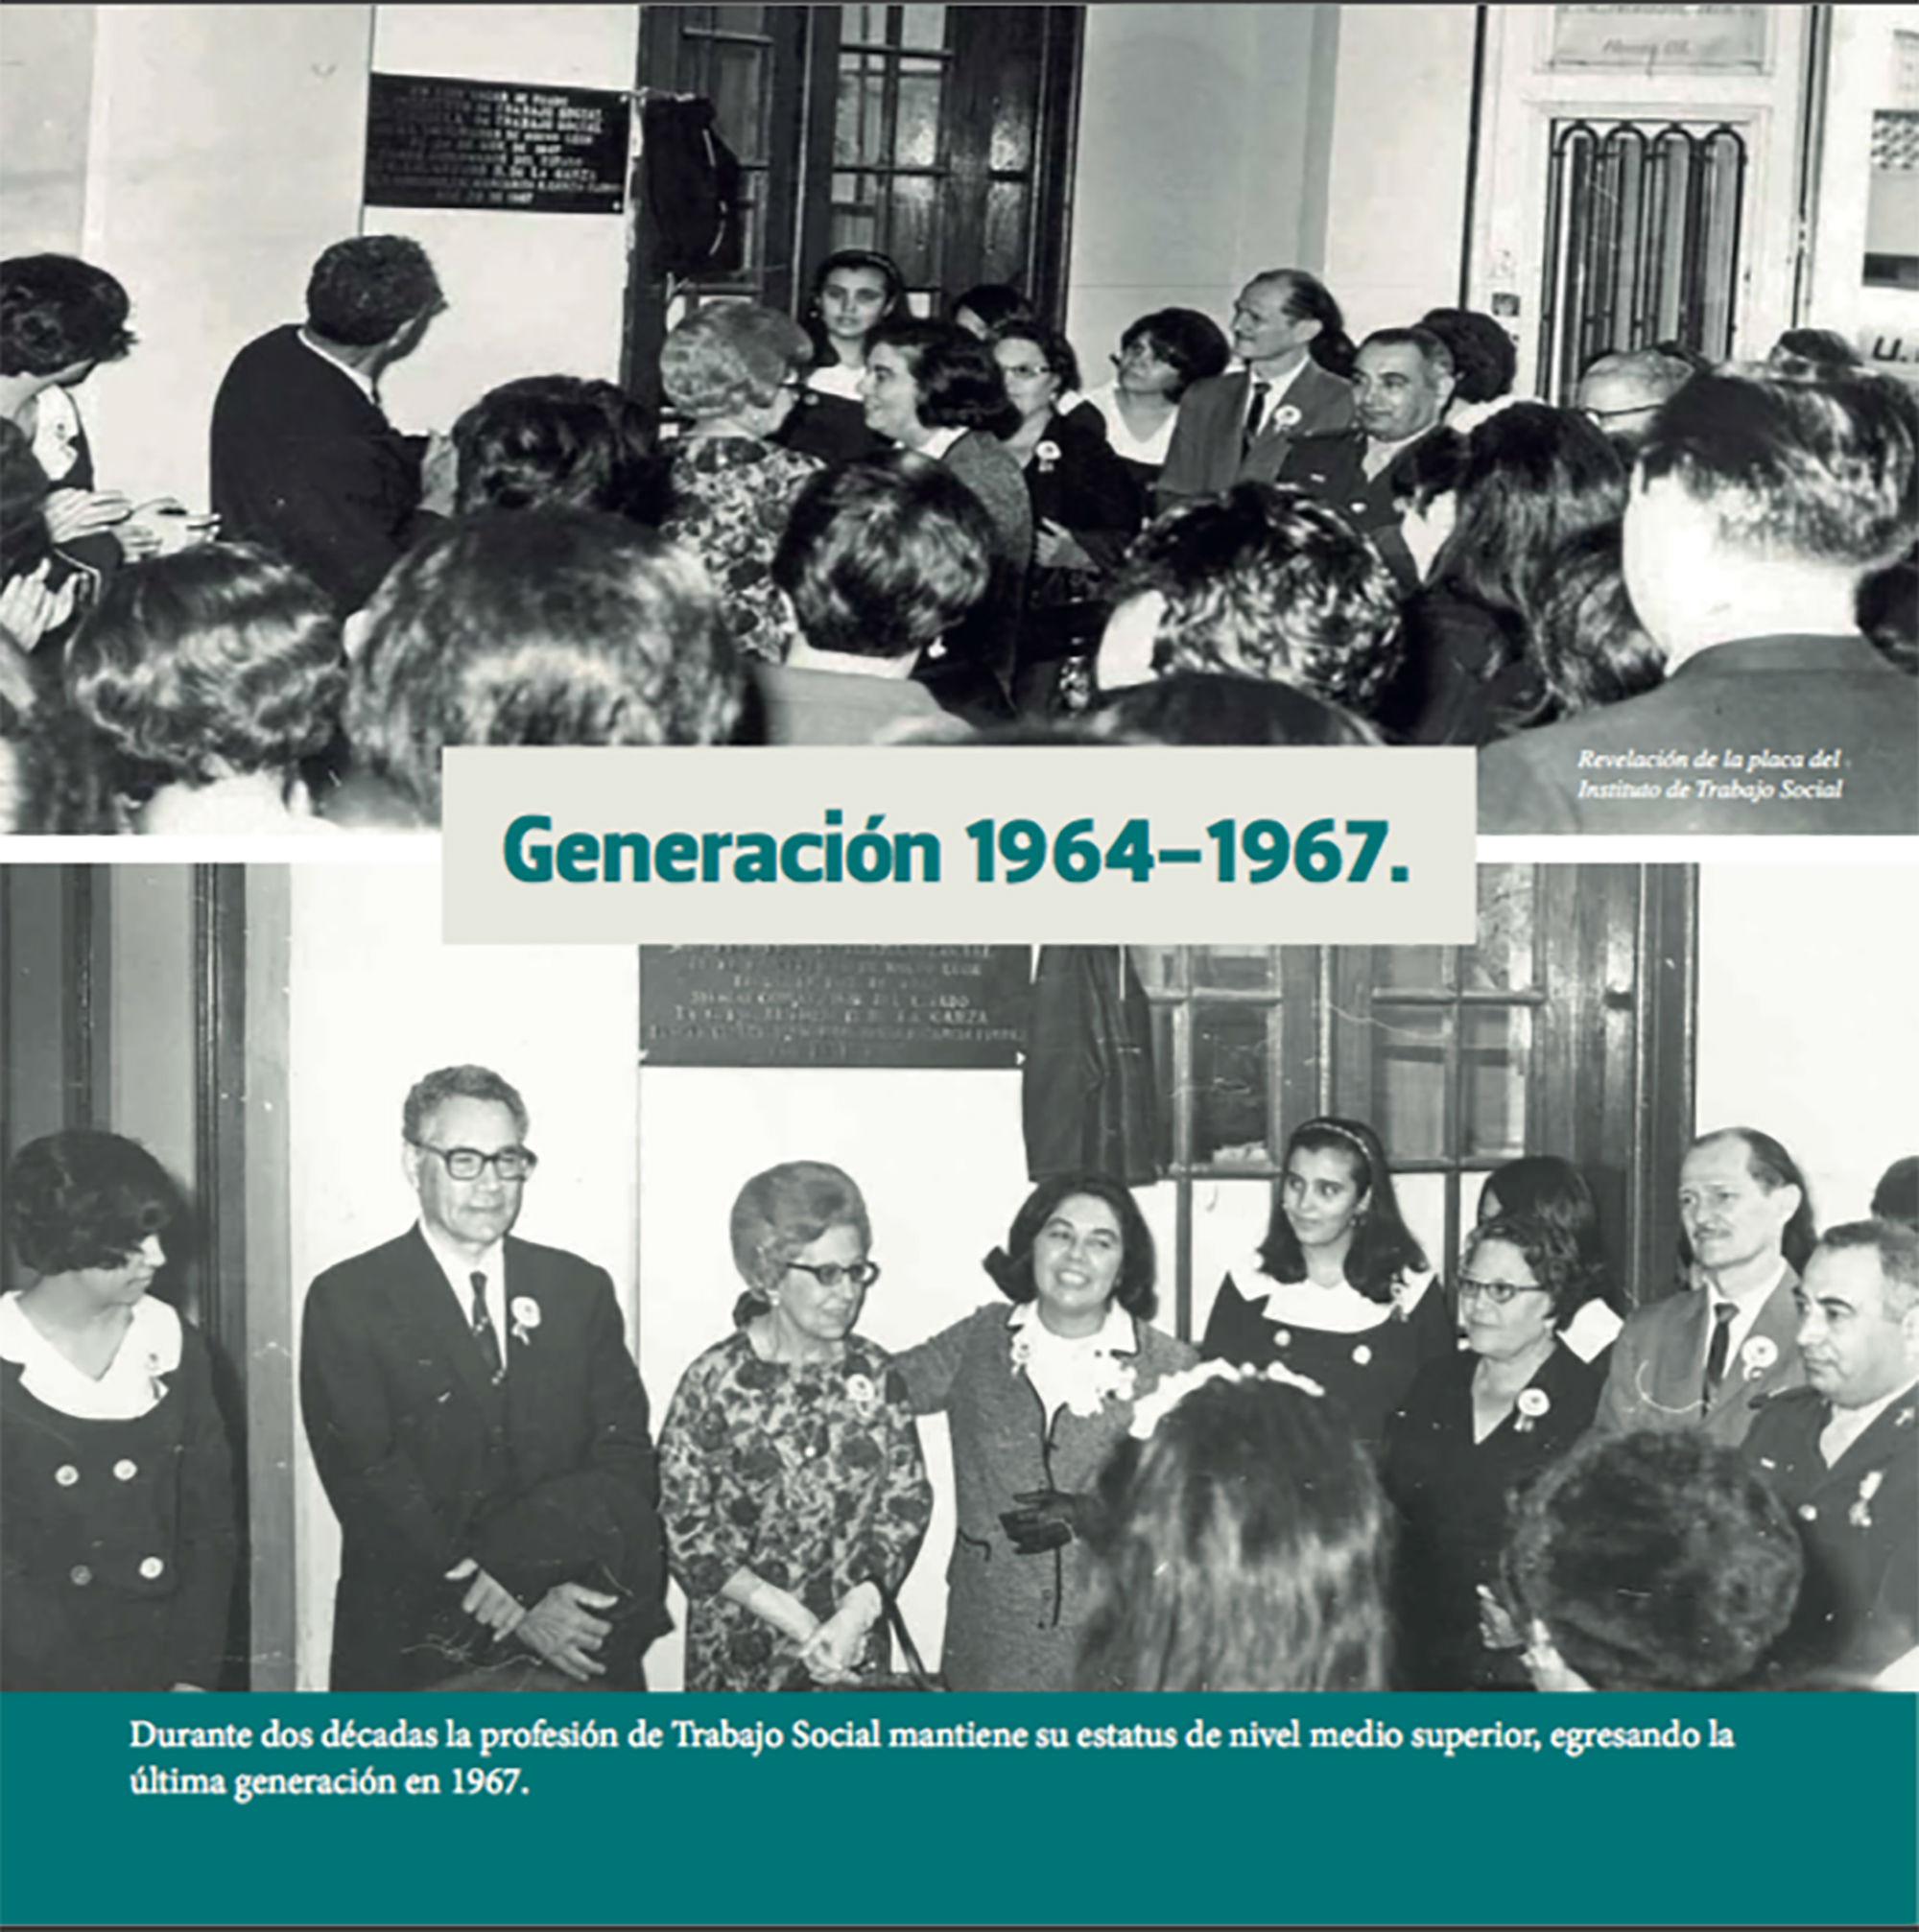 La generación 1964-197 fue la última de trabajo social como bachillerato